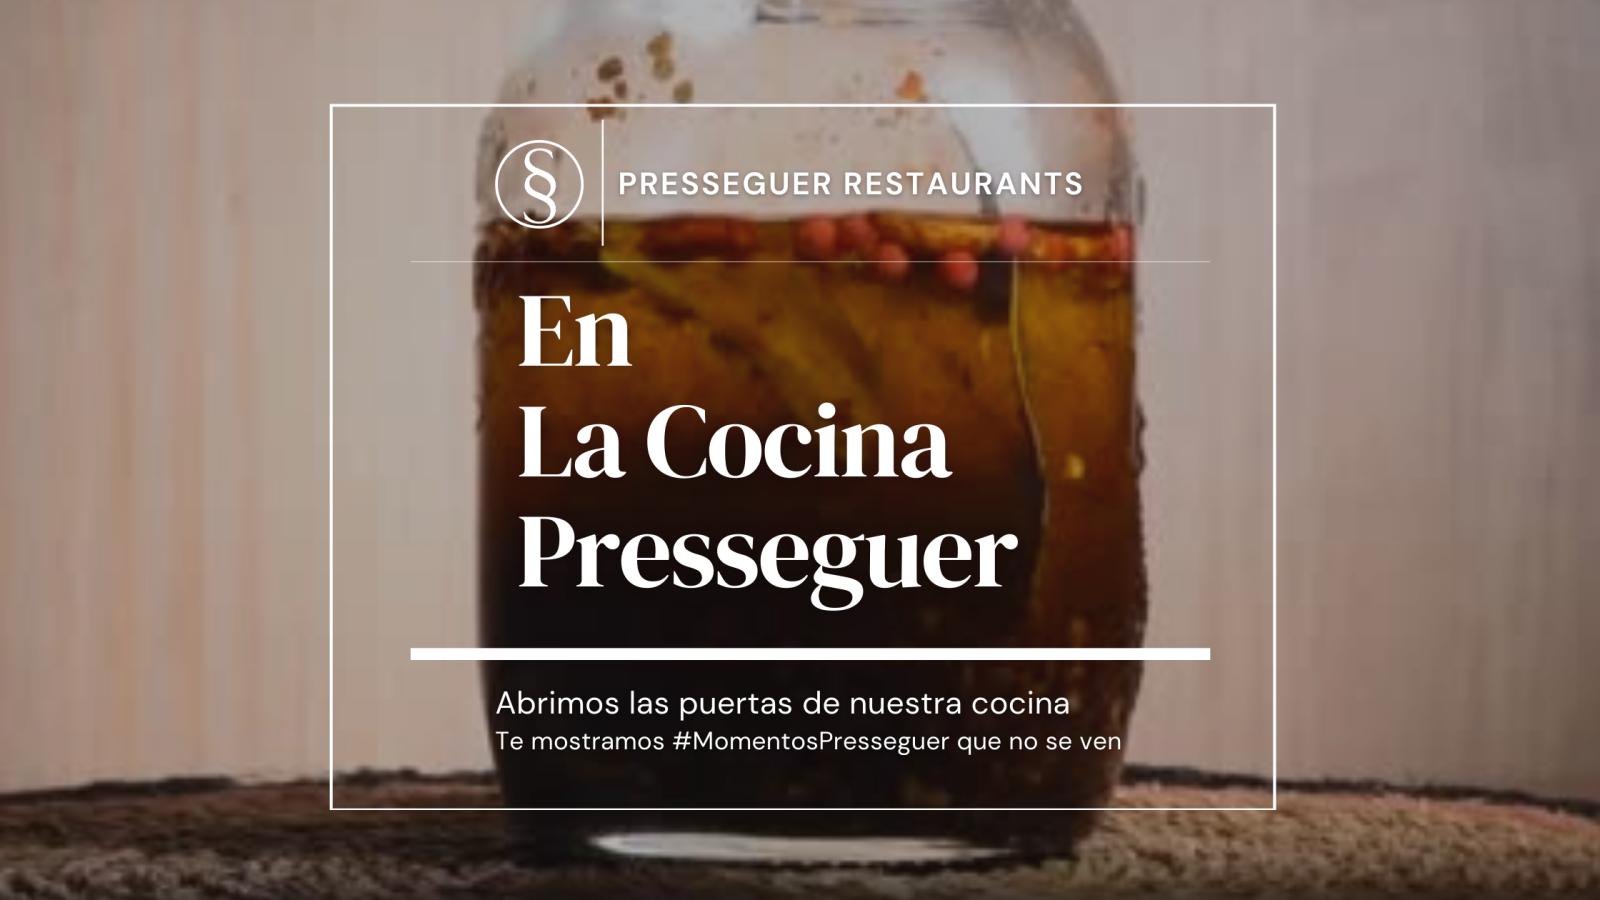 #EnLaCocinaPresseguer